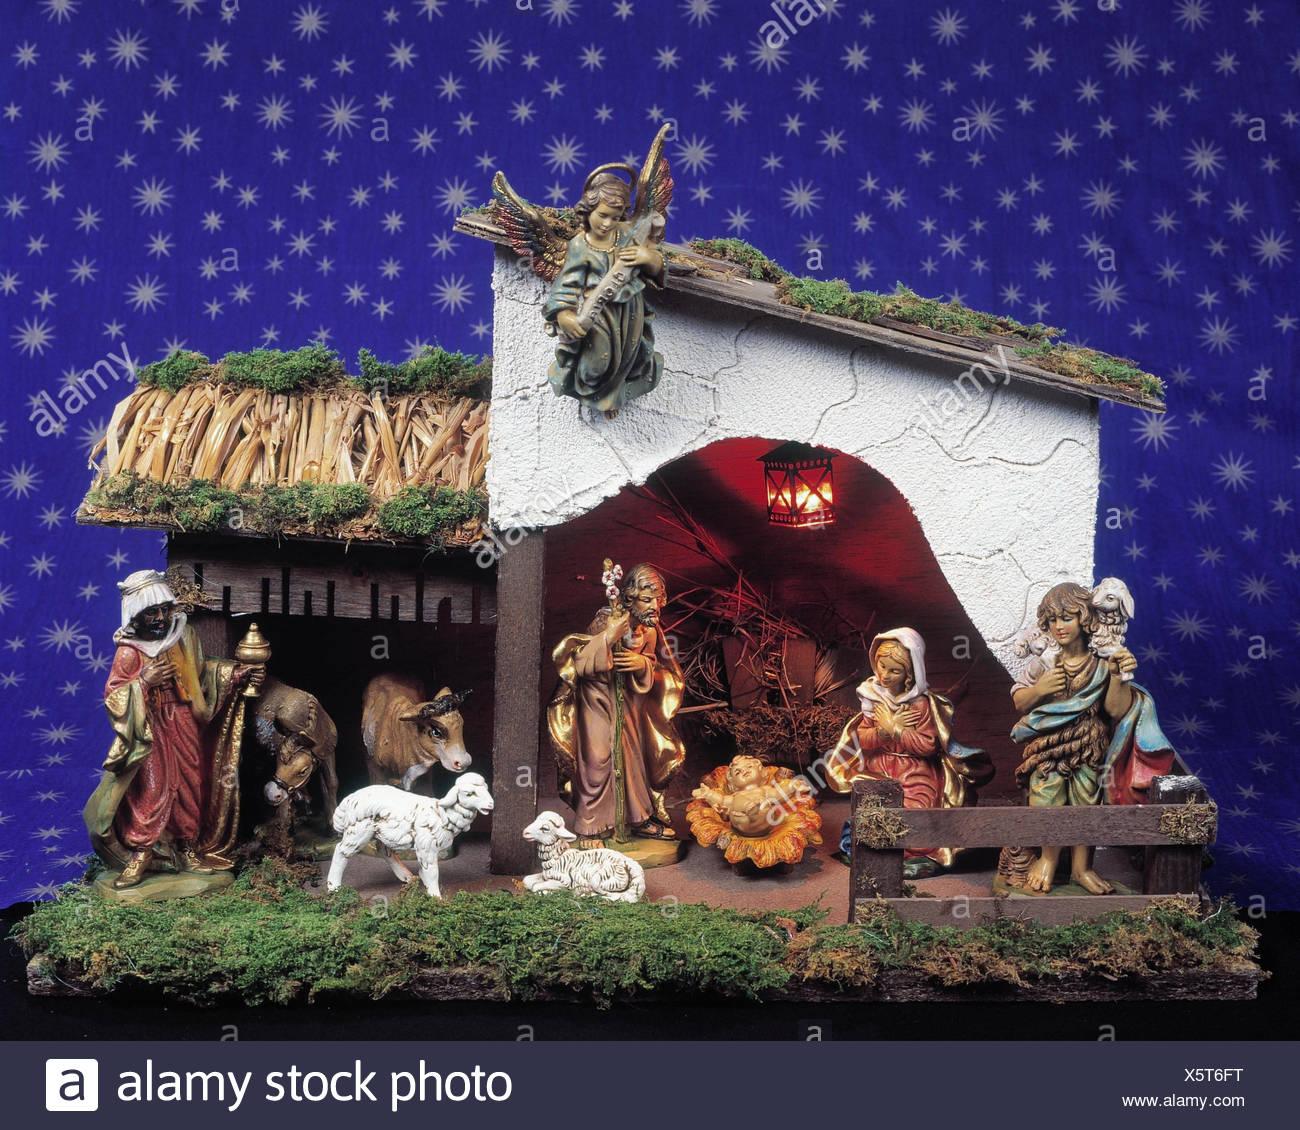 Kinderkrippe, Krippe, Weihnachten, \